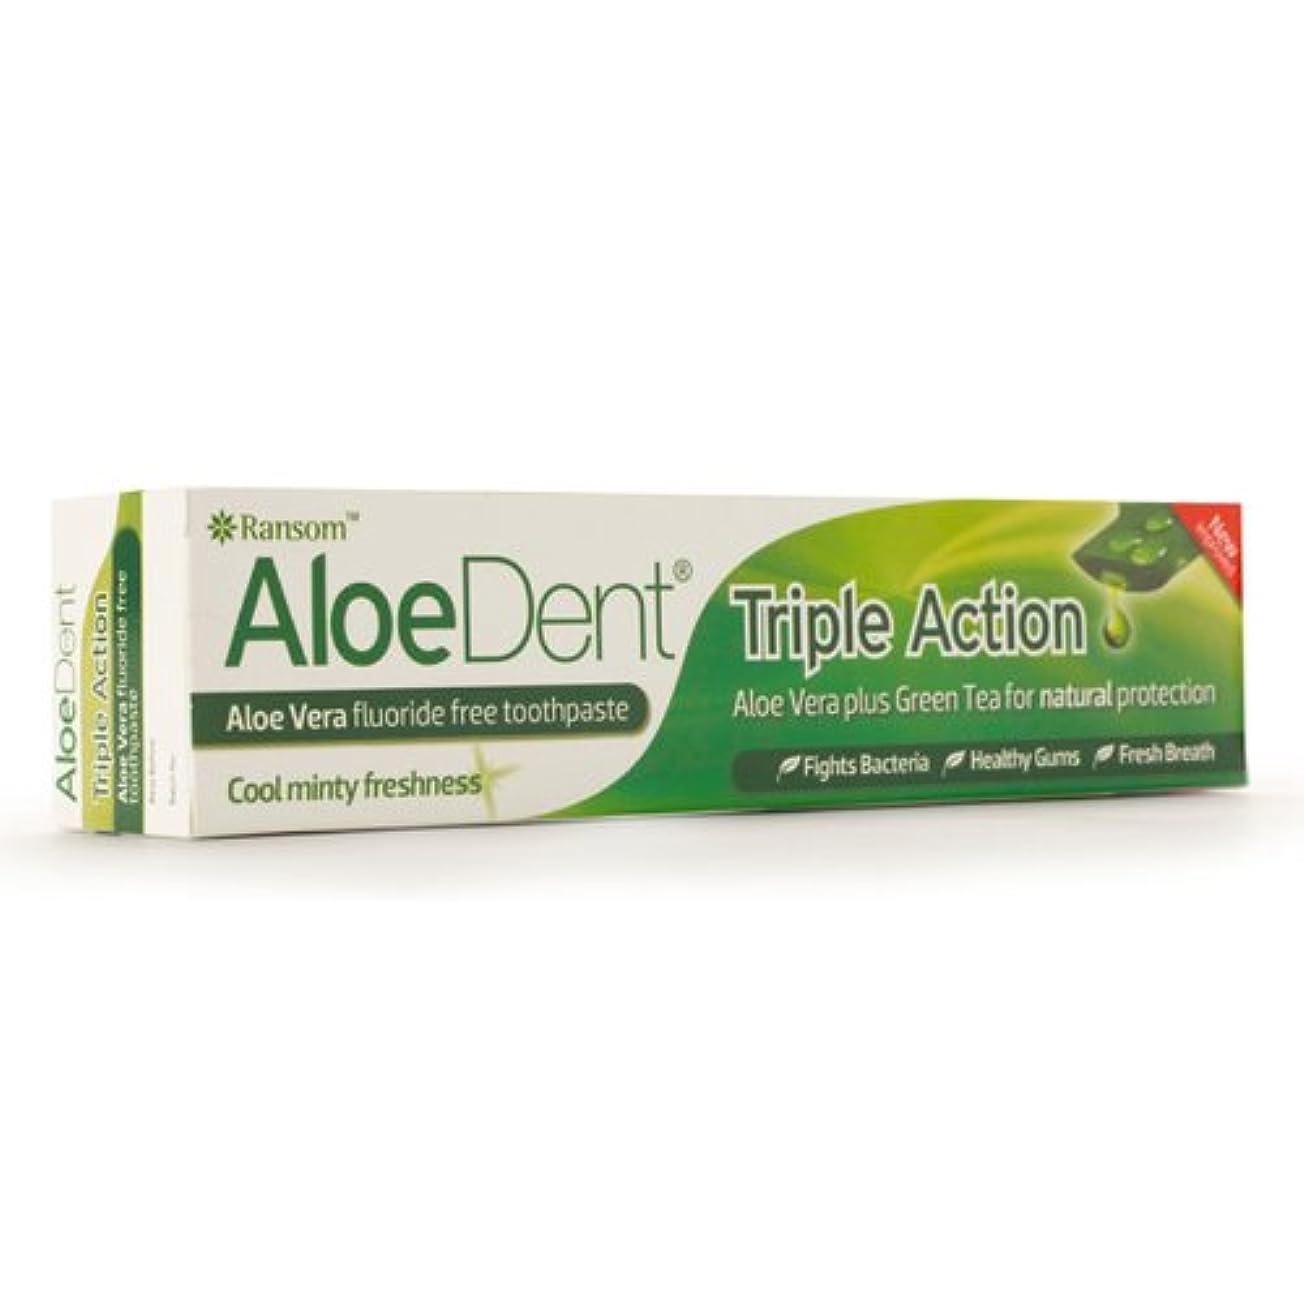 実験的クリップ蝶AloeDent Triple Action Aloe Vera Fluoride Free Toothpaste 100ml